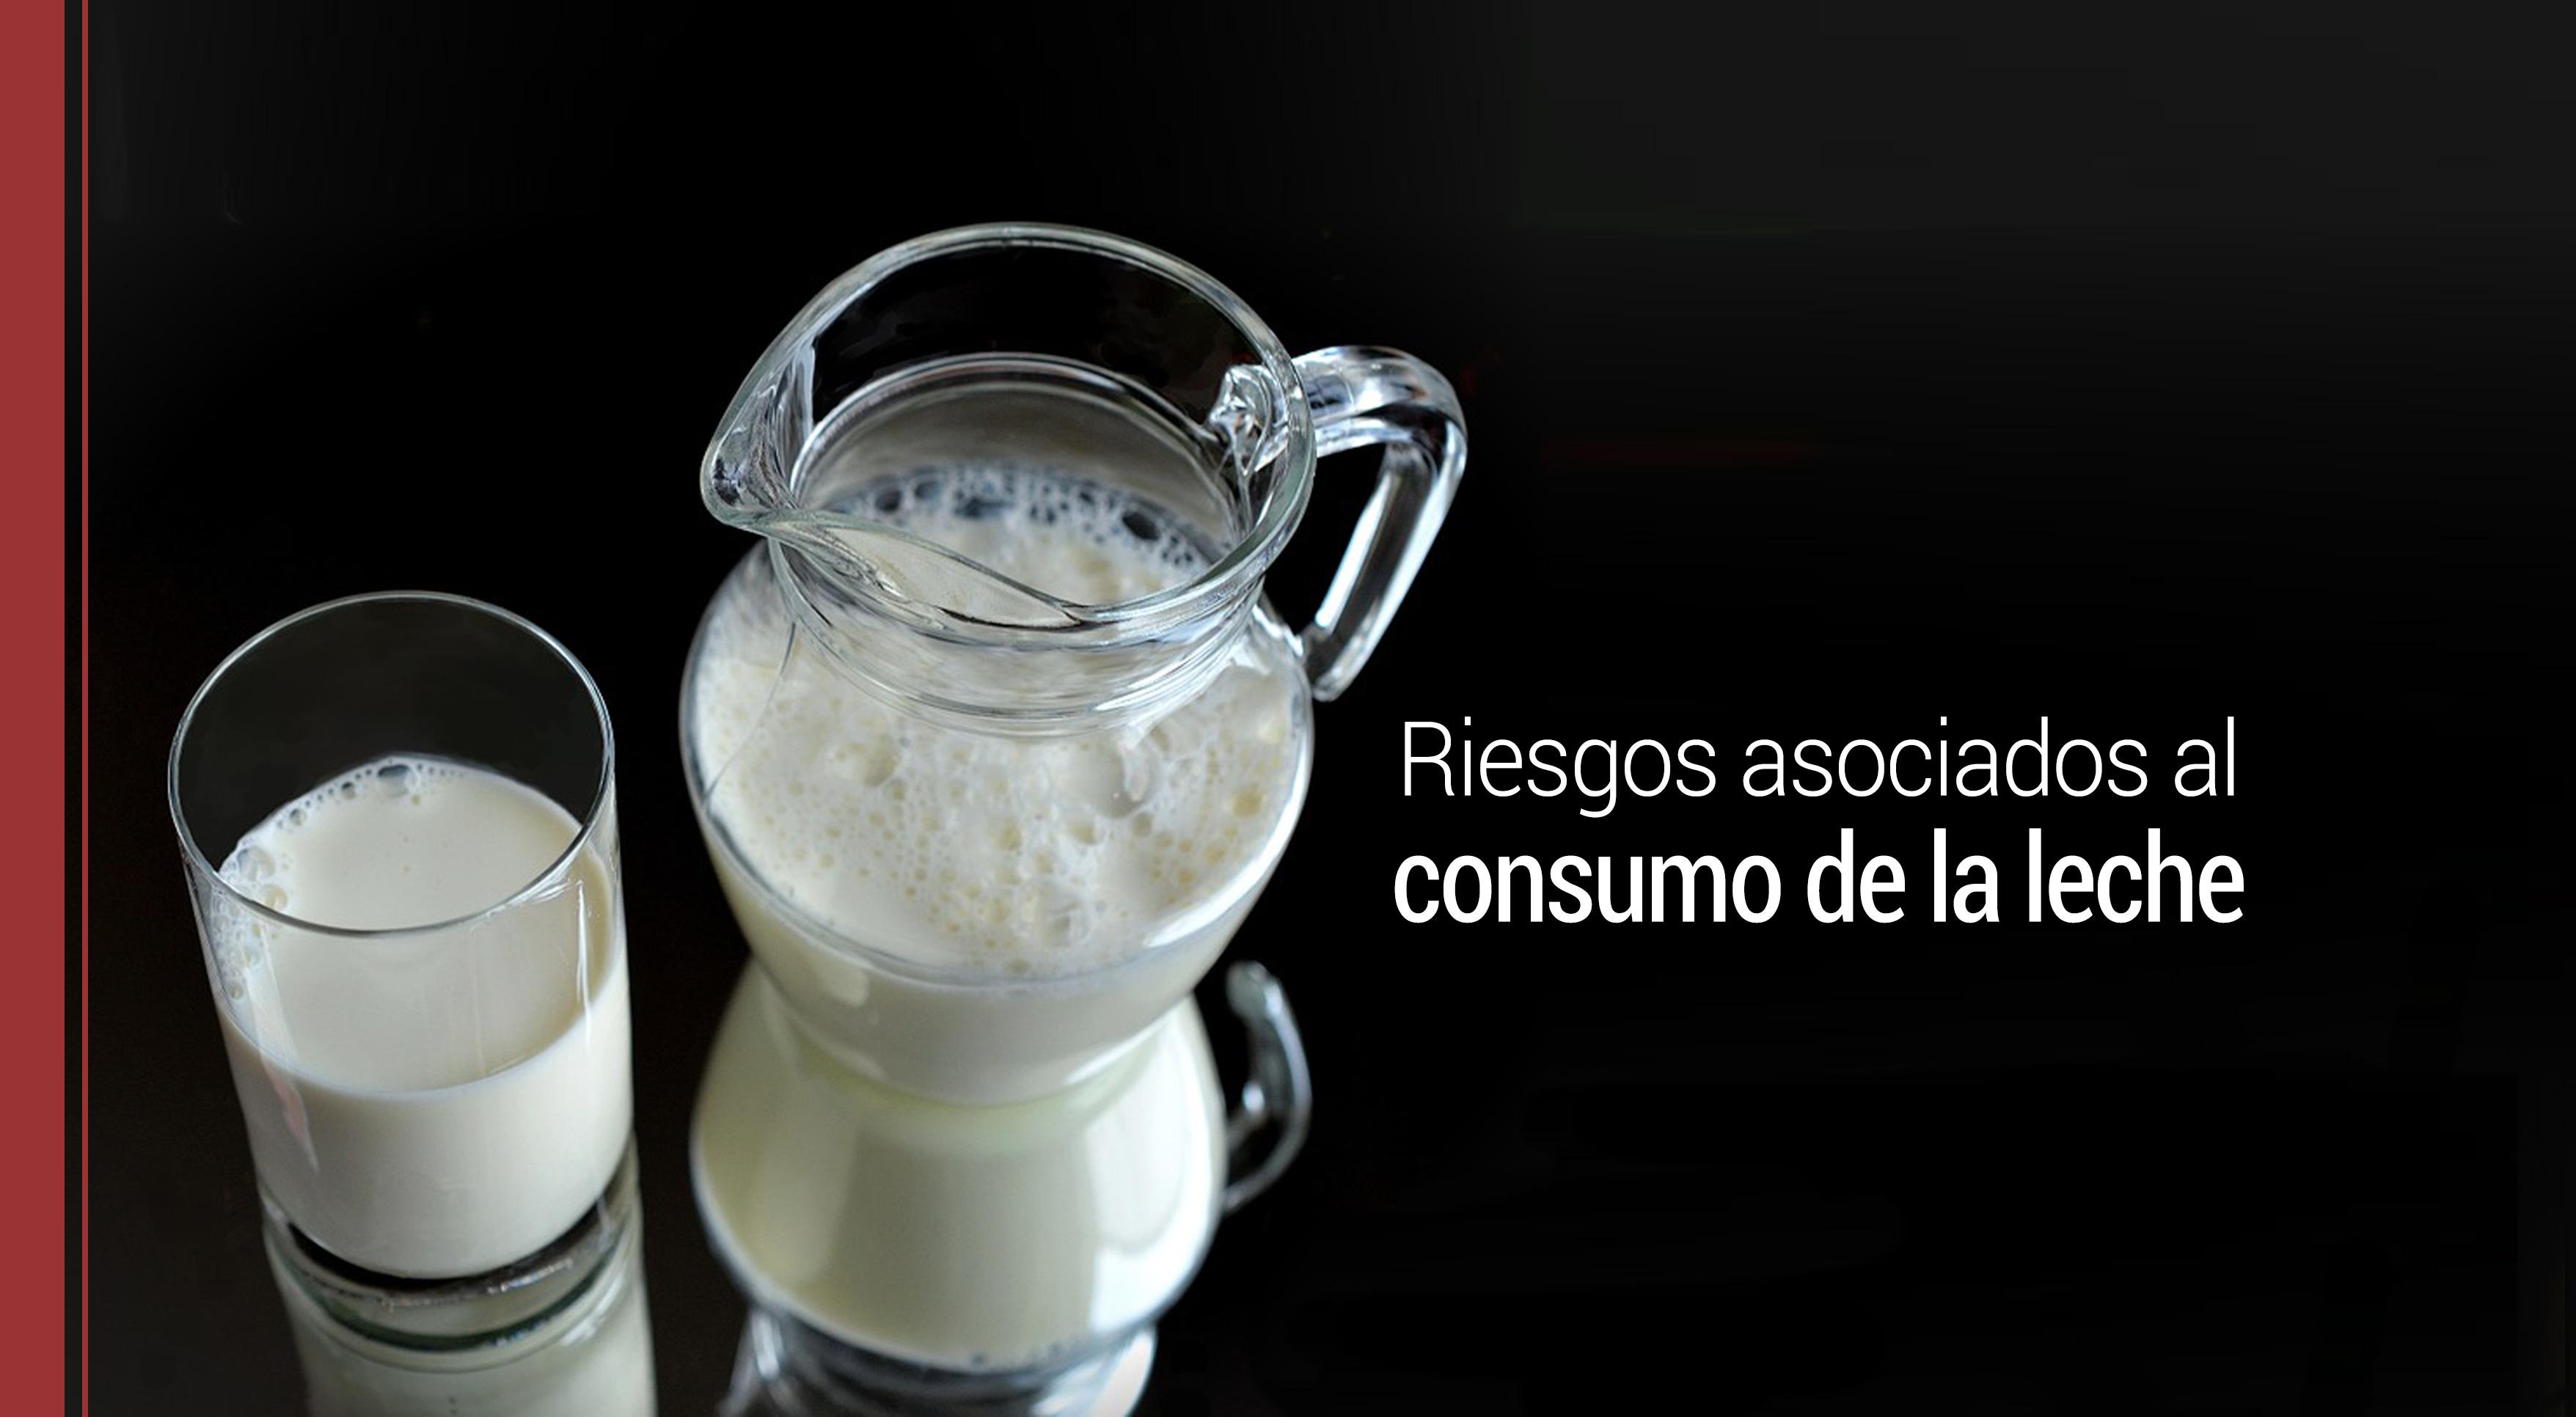 La leche: principales riesgos asociados a su consumo